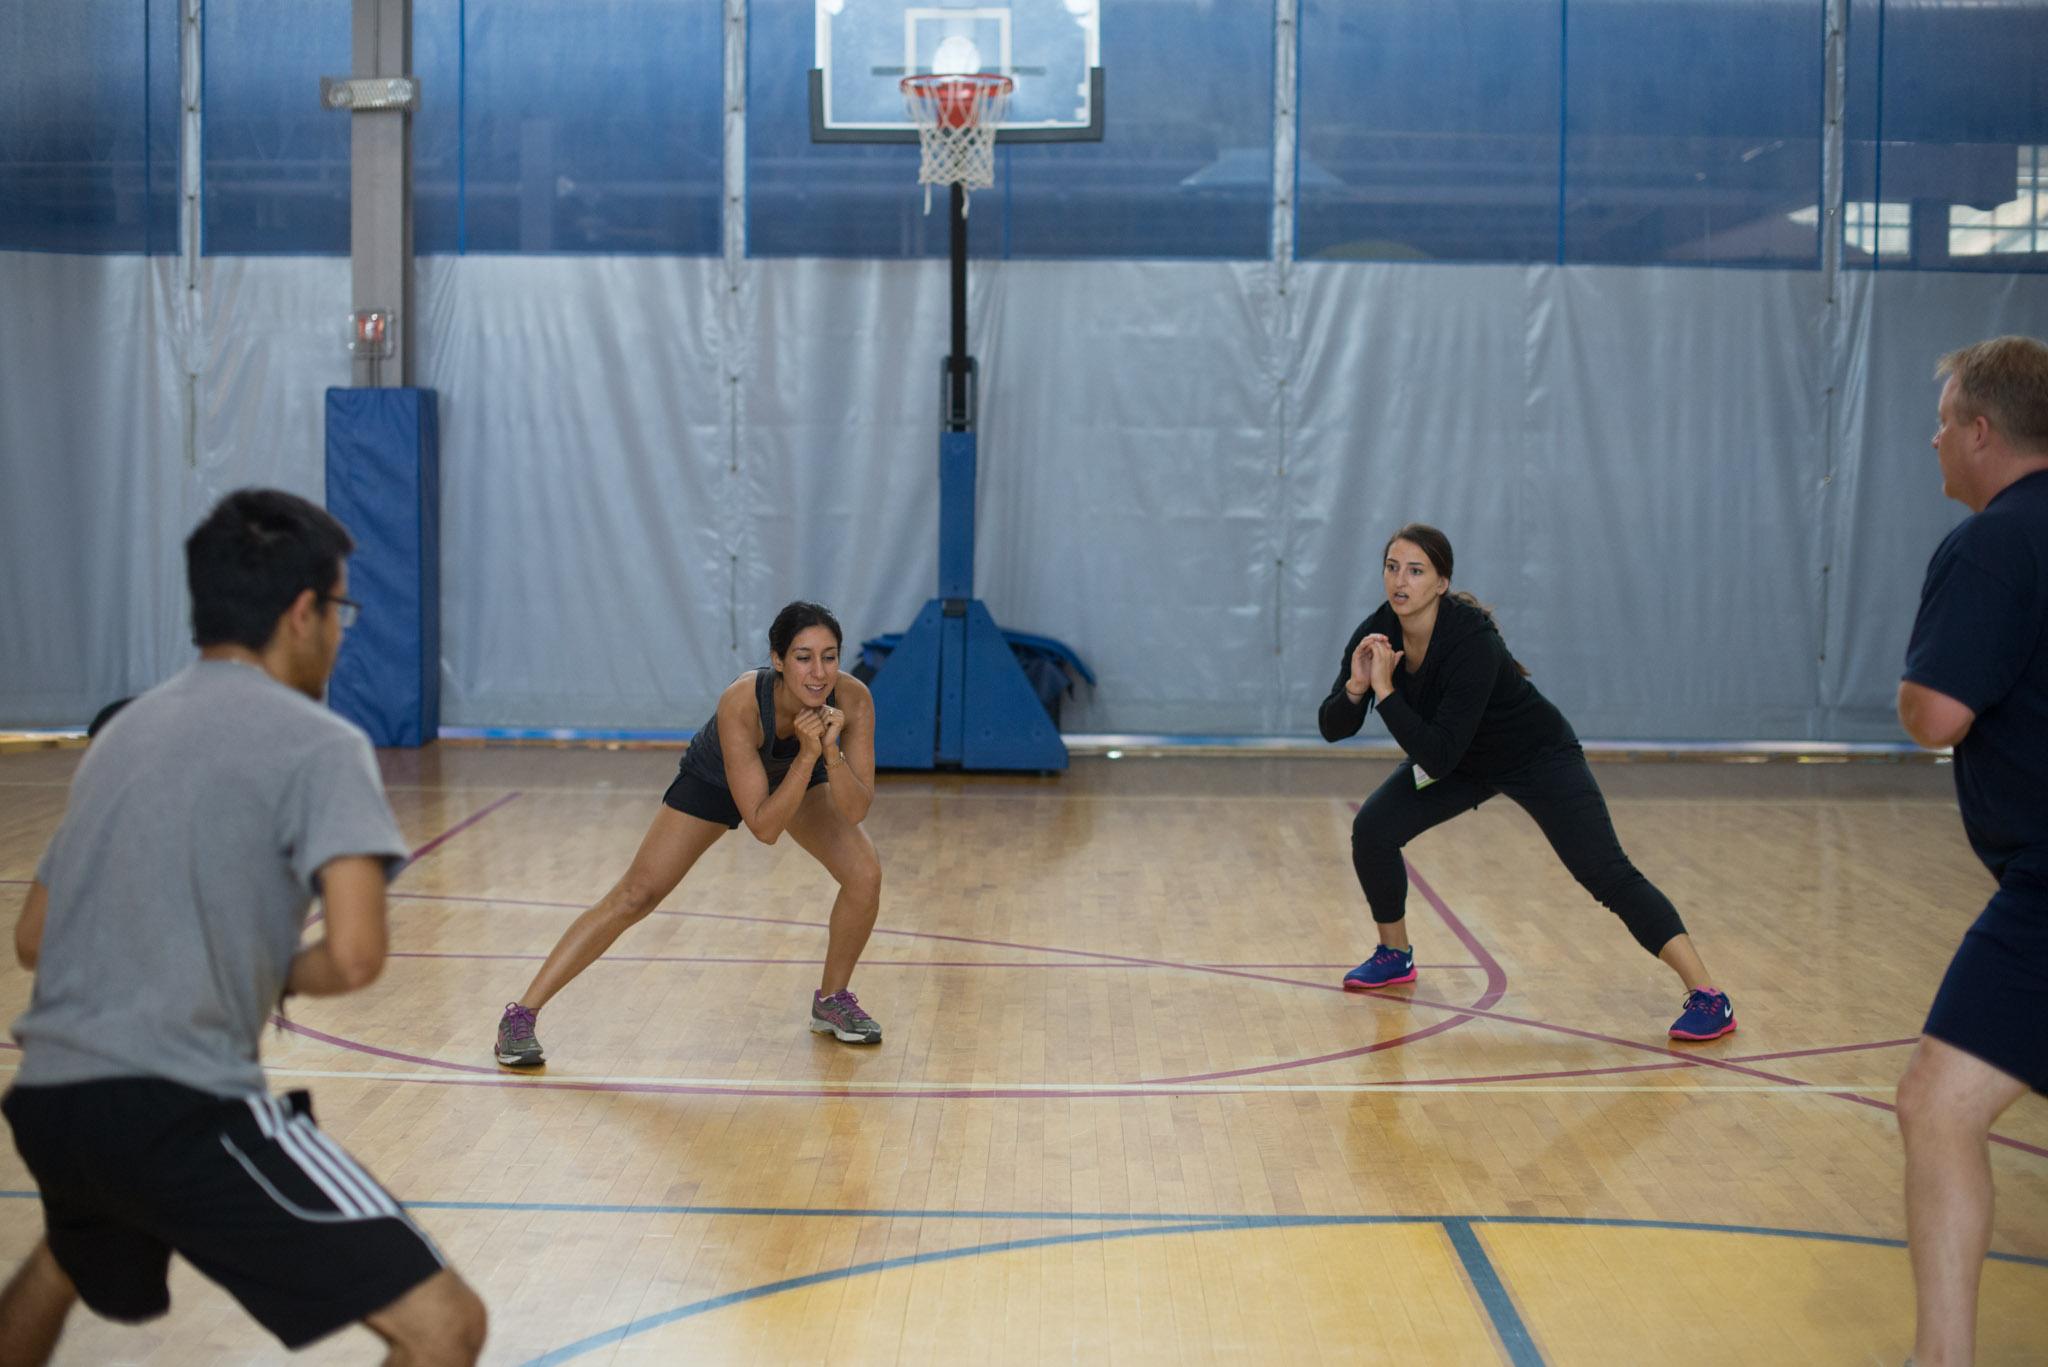 Wellness Center Stock Photos-1183.jpg